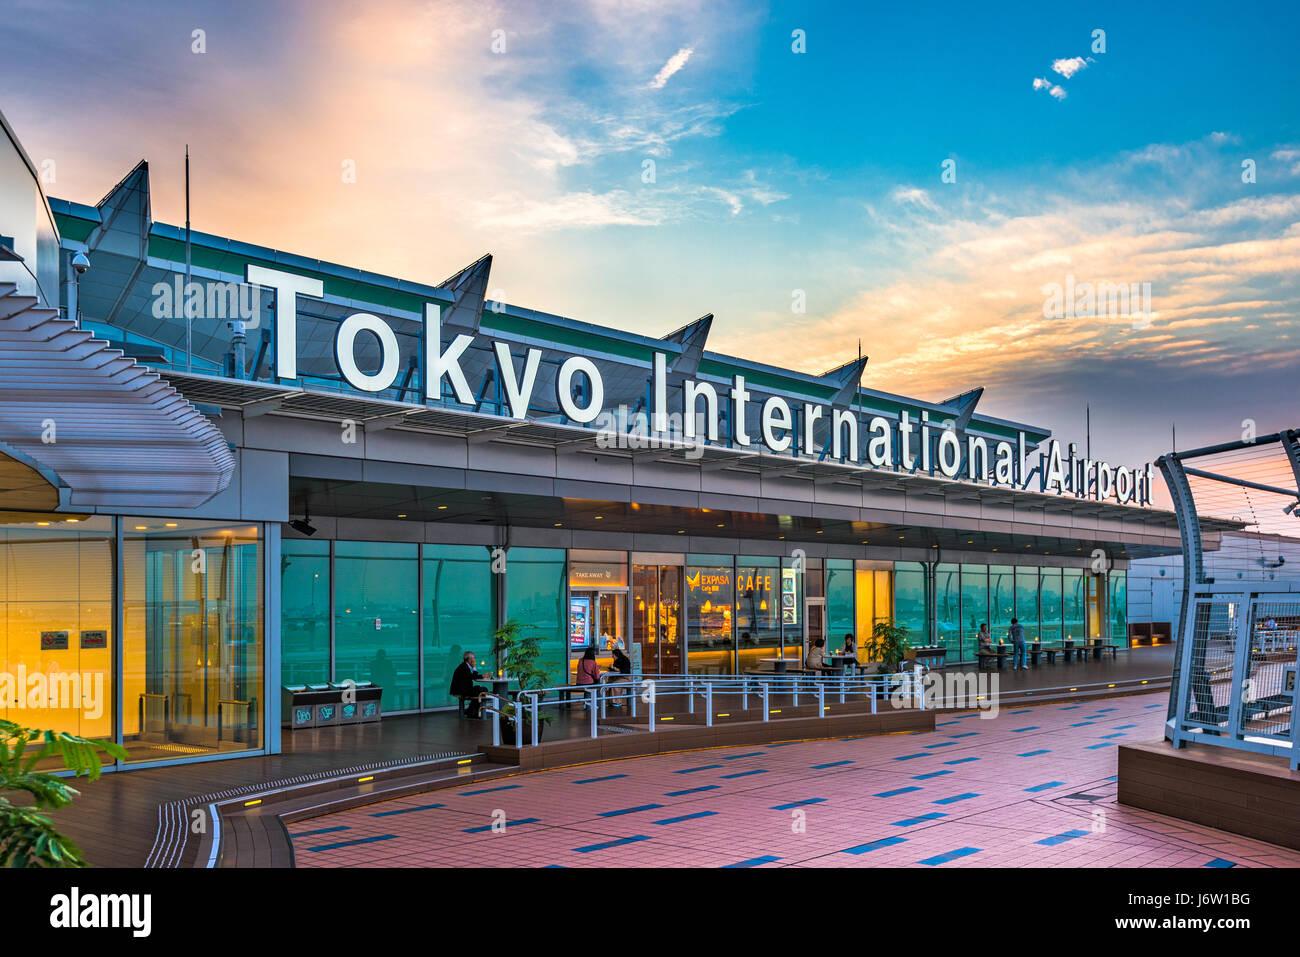 TOKYO, JAPAN - 11. Mai 2017: Das Exterieur des Tokyo International Airport, besser bekannt als Flughafen Haneda. Stockbild